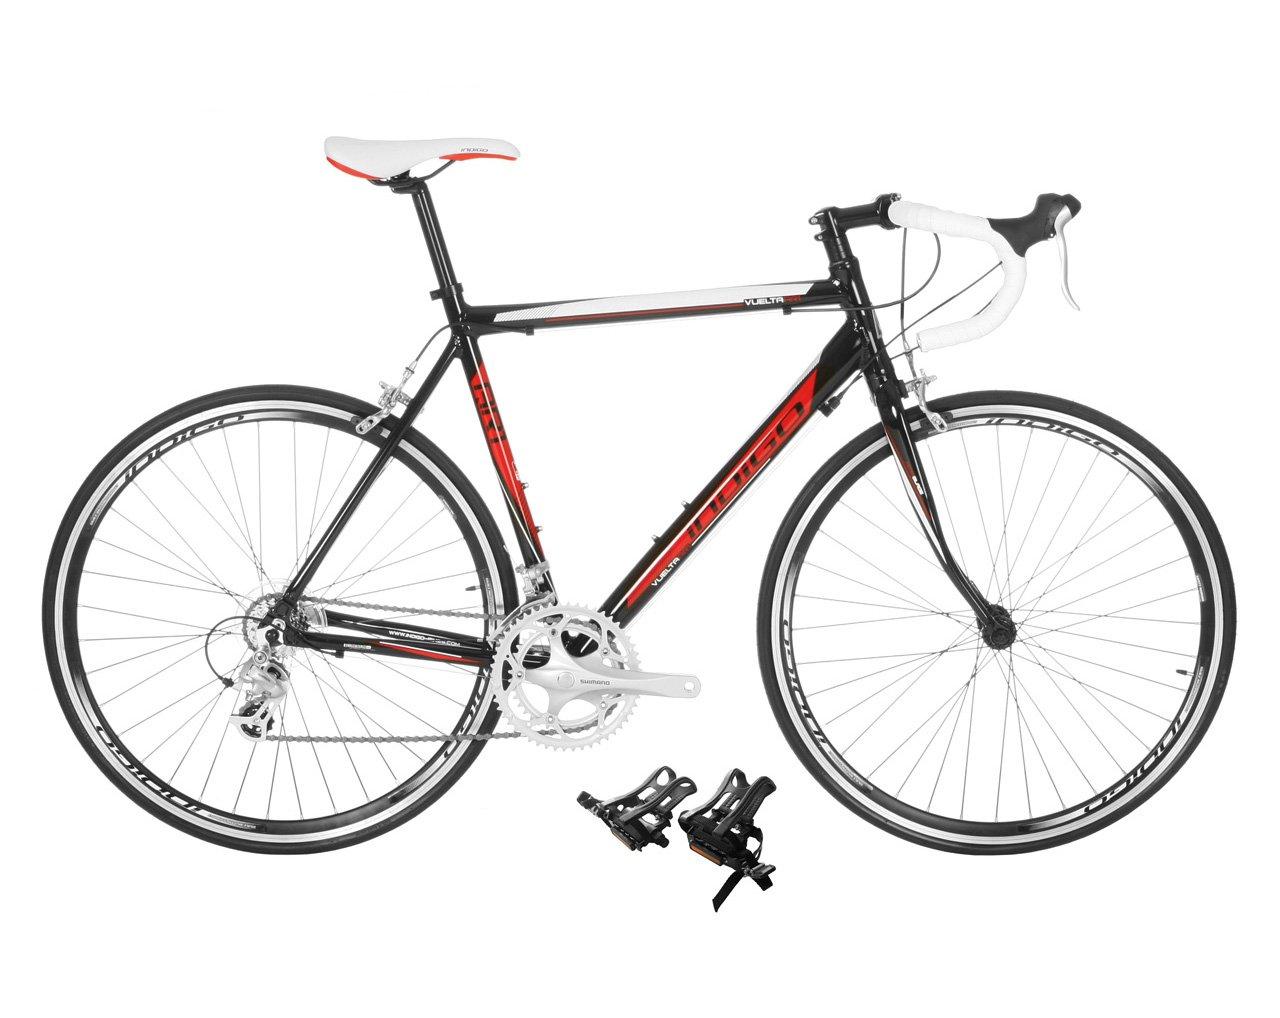 Bicicleta de carretera, Bicicleta Indigo, tamaño XL